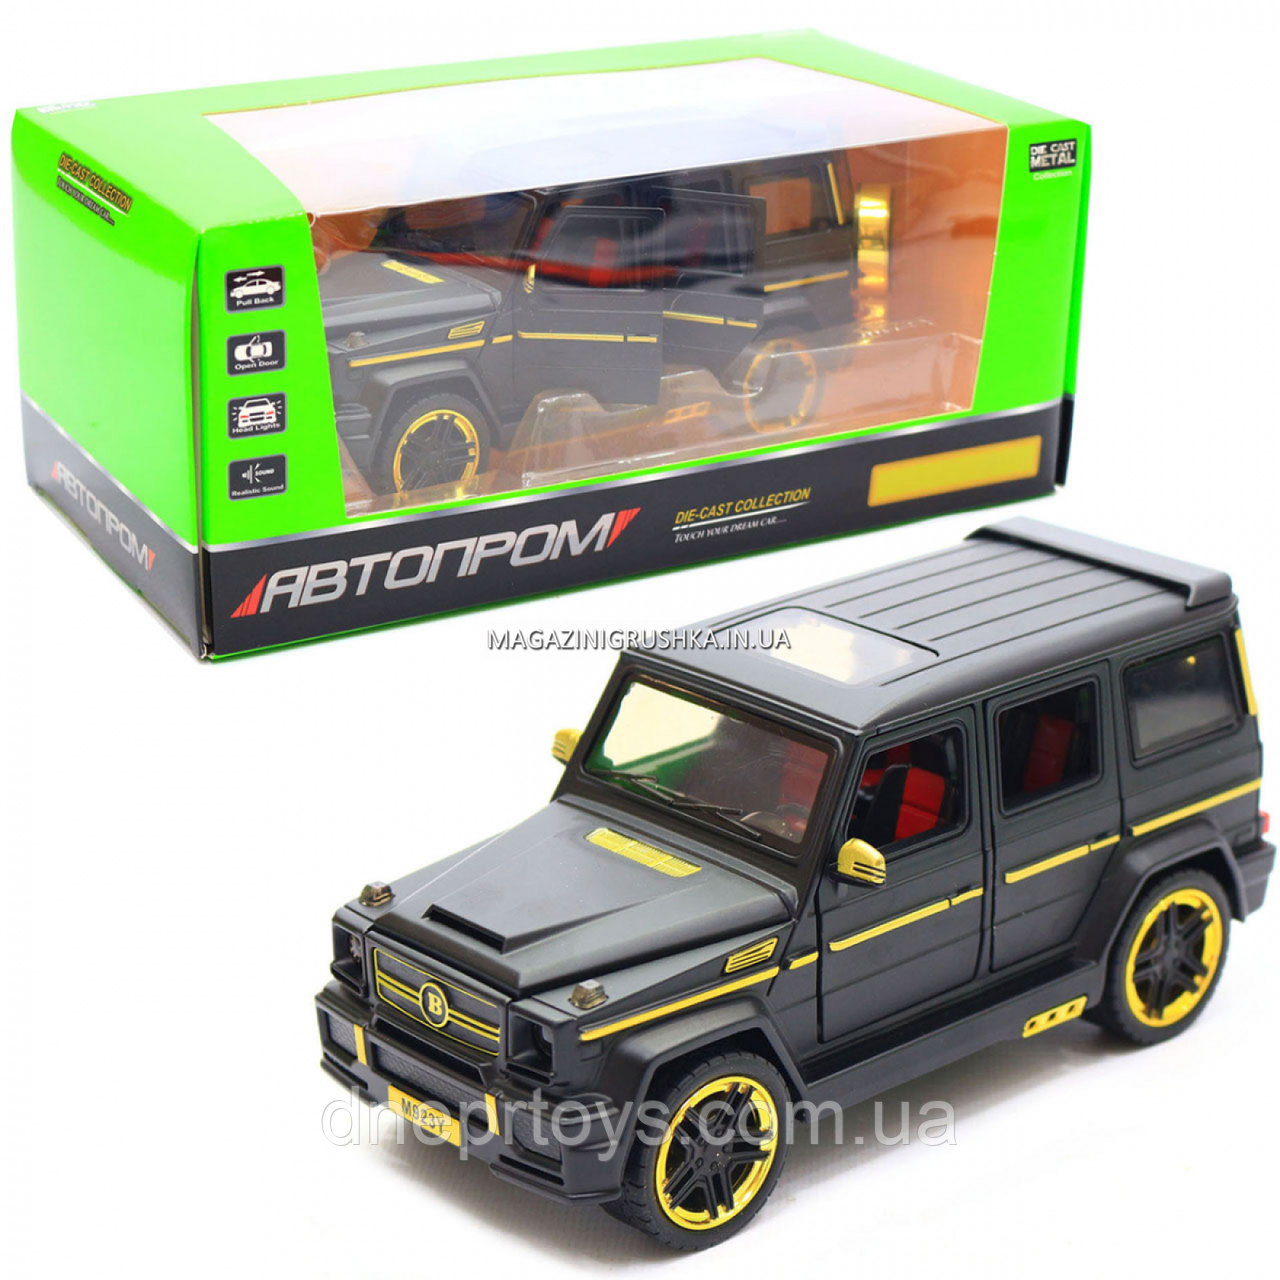 Игрушка машина Автопром Мерседес Бенц (Mercedes-Benz) черный. Гелендваген (Гелик) 20х8х10 см (7688MB)